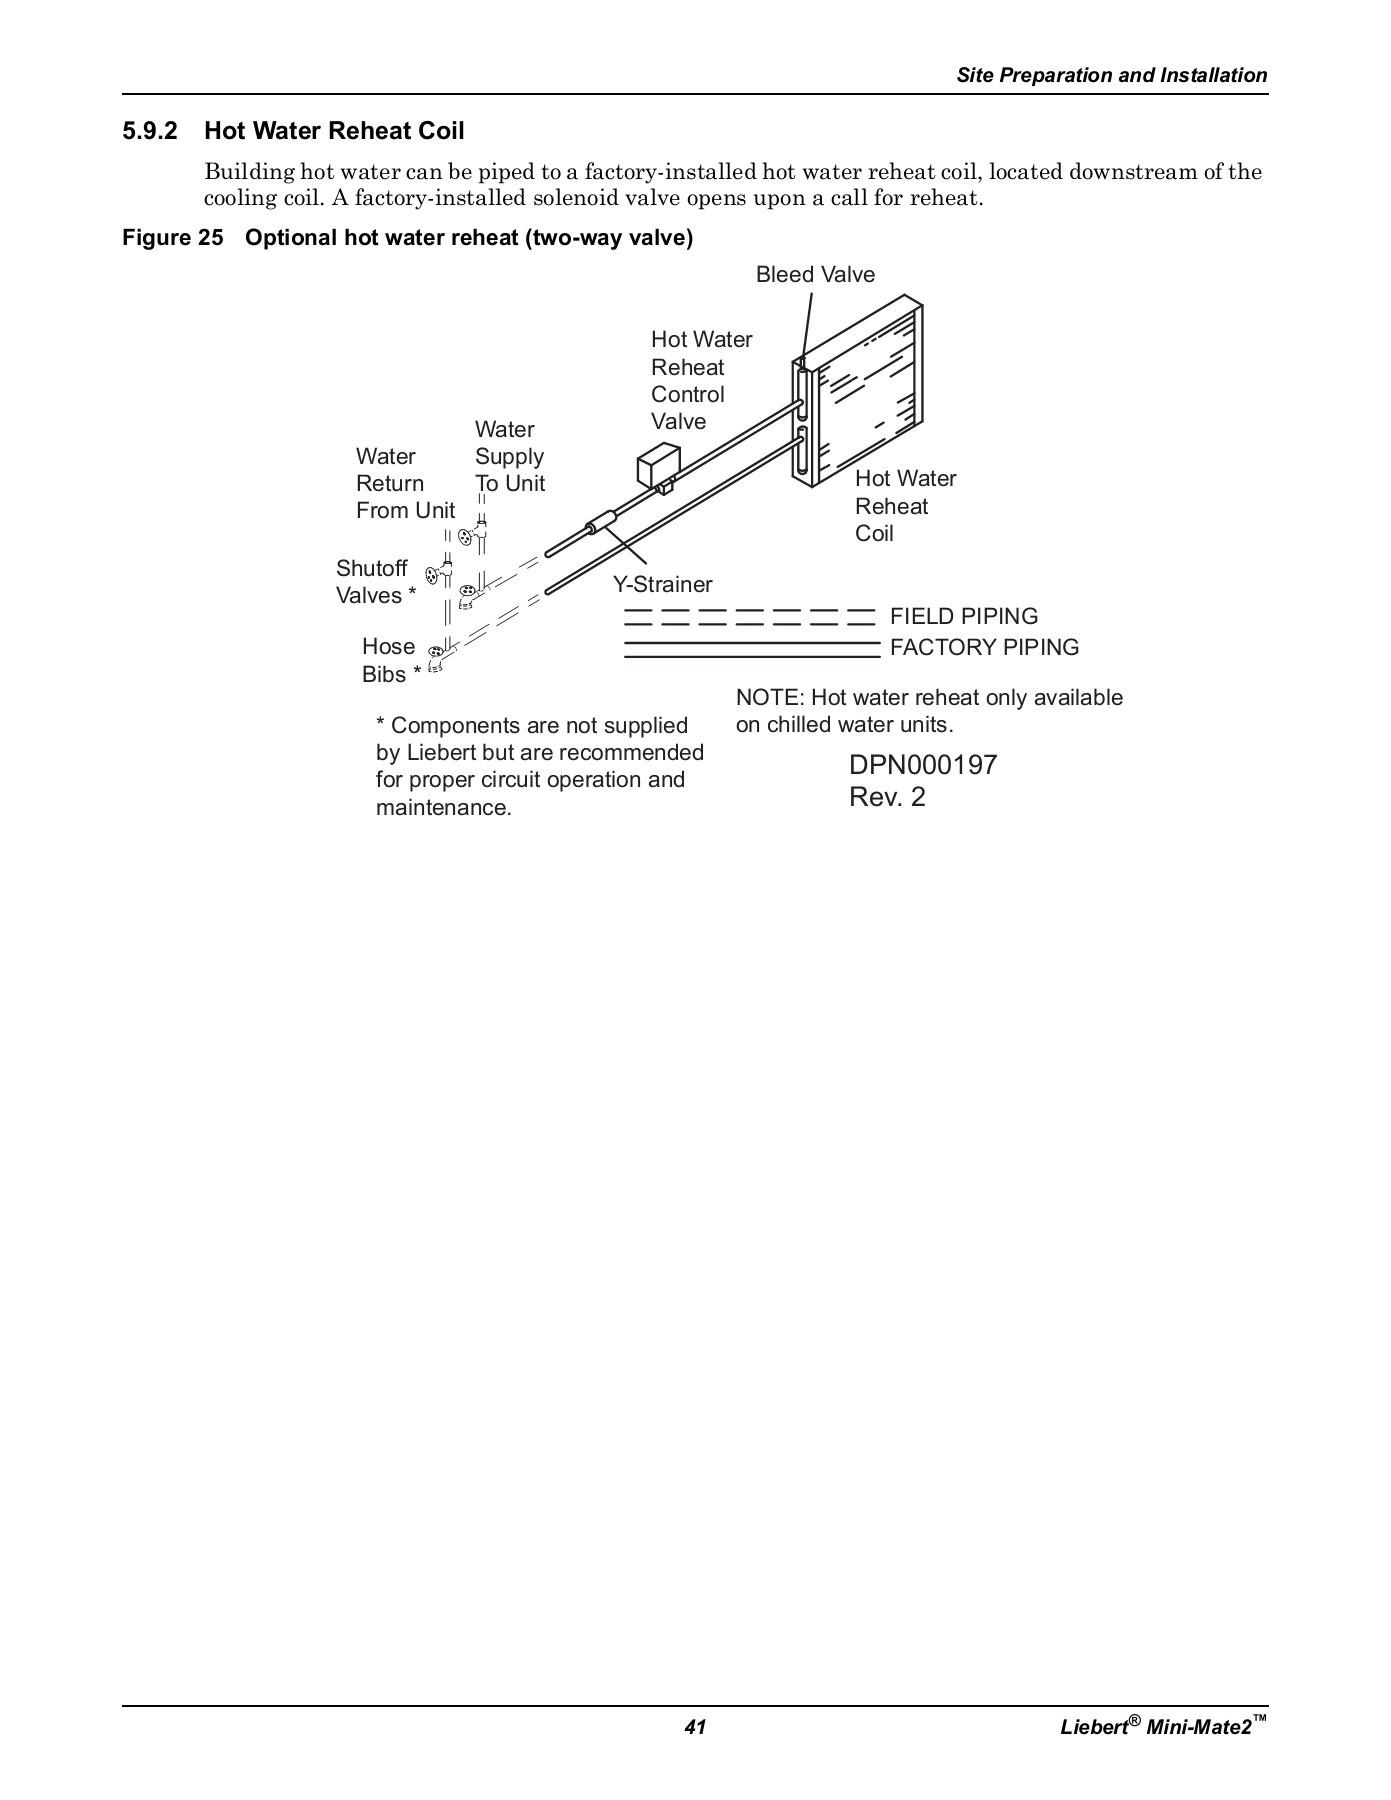 hight resolution of  liebert challenger liebert mini mate wiring schematic on liebert precision cooling liebert challenger 3000 circuit diagram